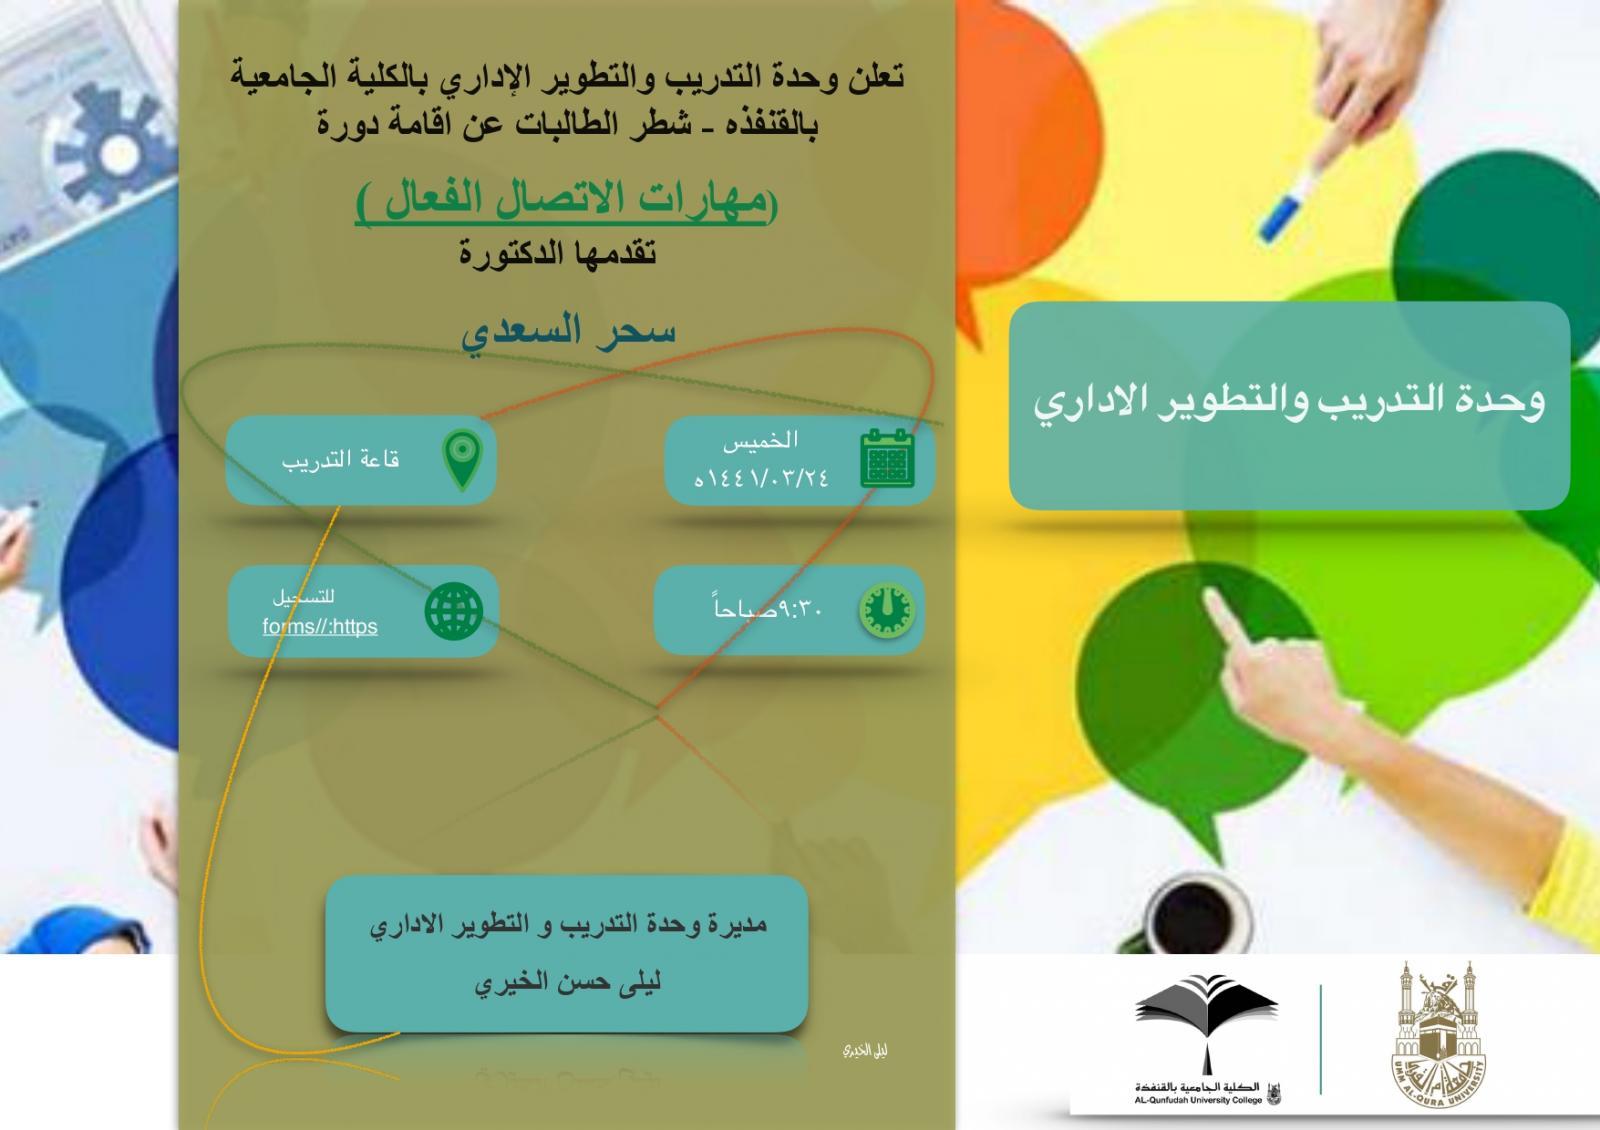 إعلان عن دورة مهارات الاتصال الفعال الكلية الجامعية بالقنفذة جامعة أم القرى